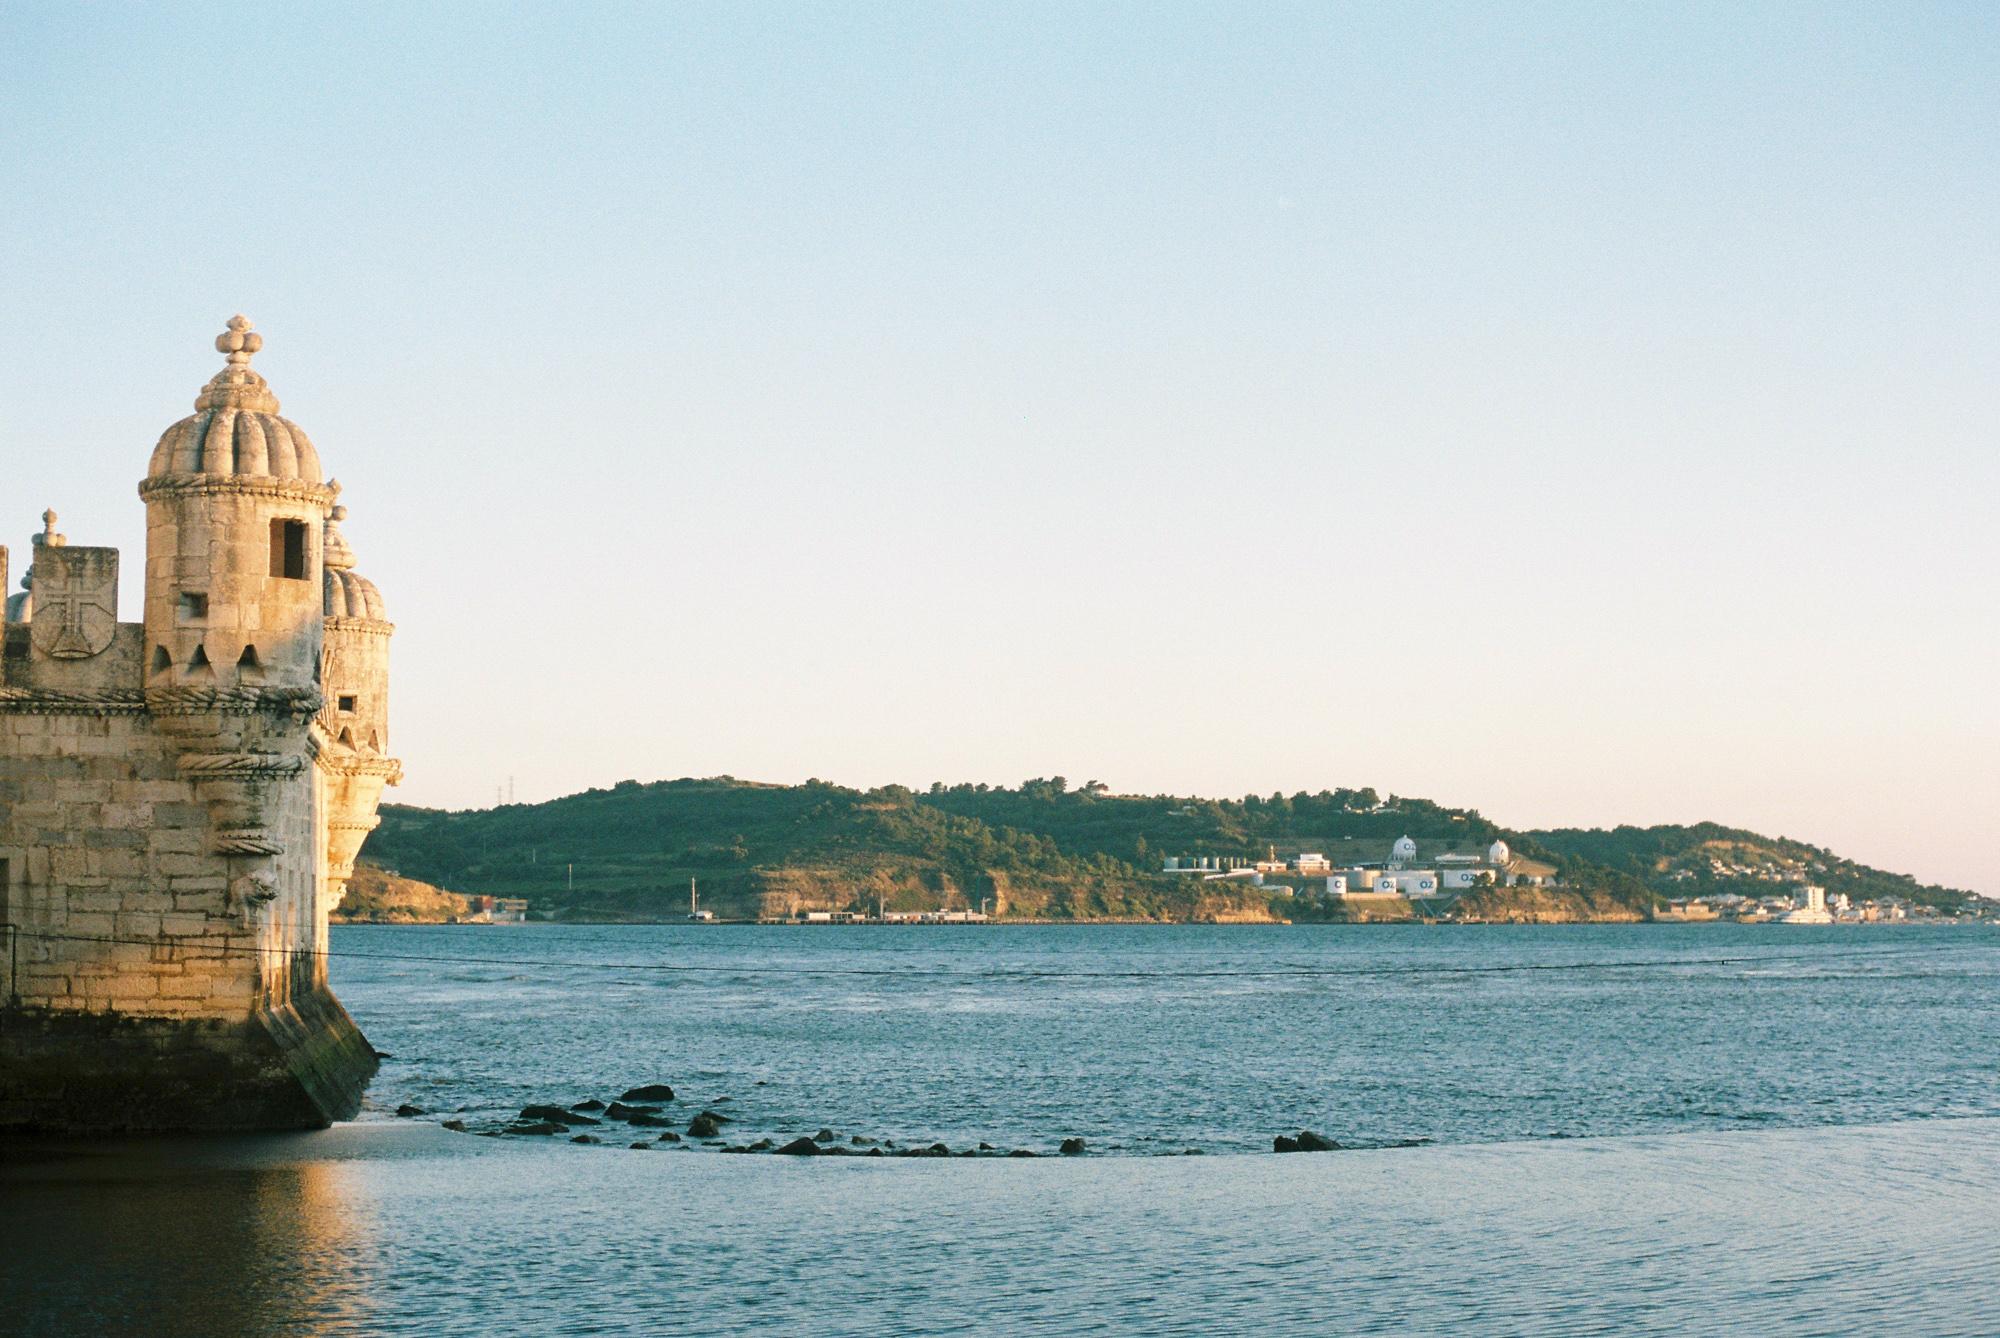 Fotografia-Analogica-Lisboa-Filme-Oceanica-21.jpg